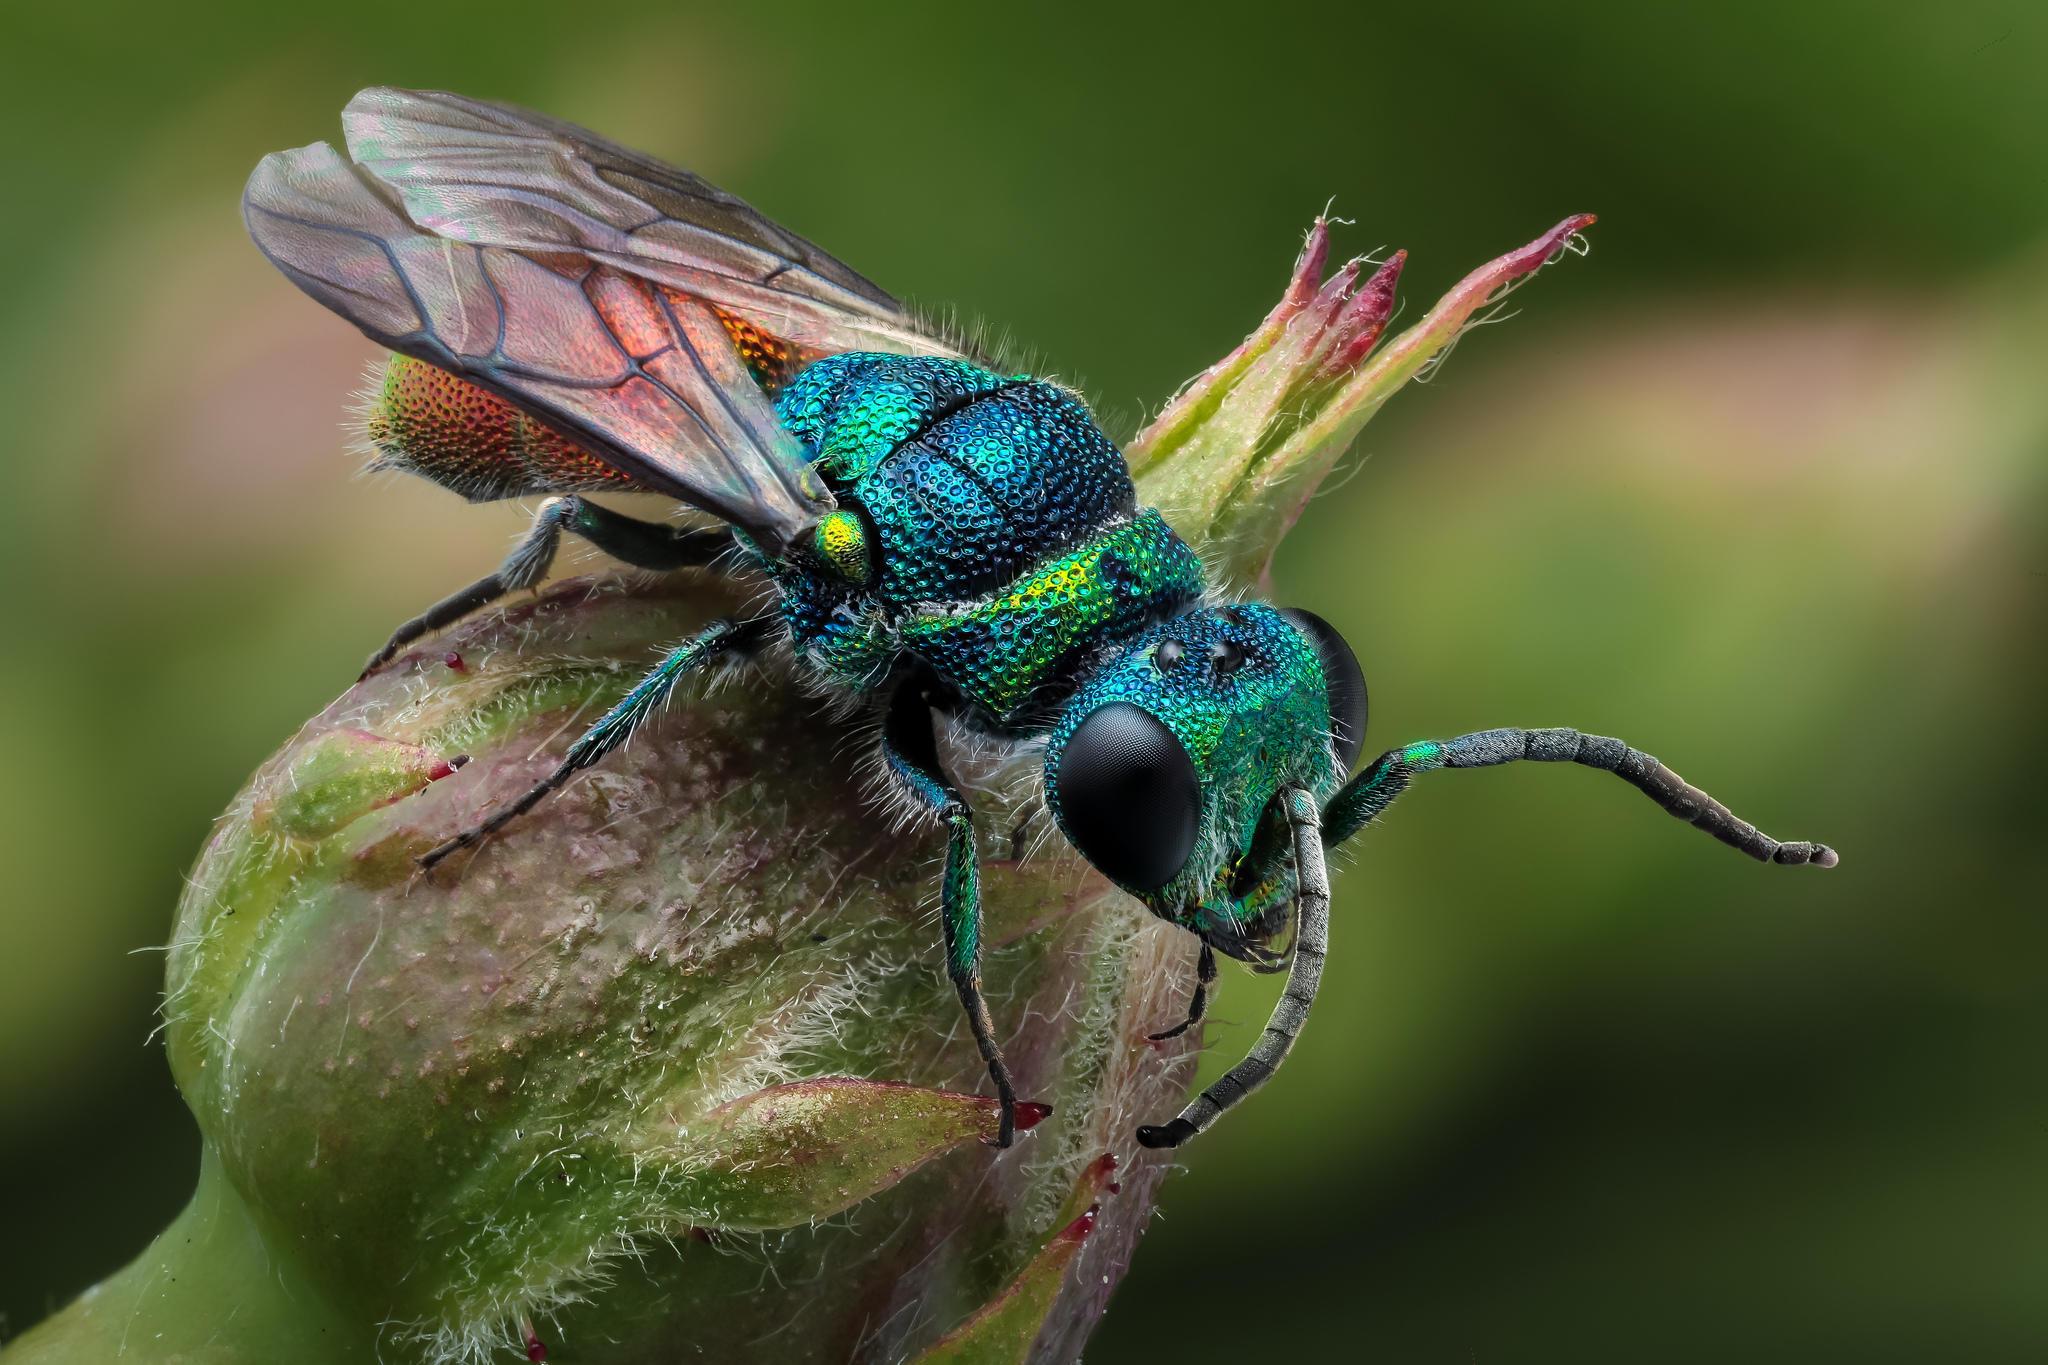 обои оса блестянка огненная, насекомое, макро картинки фото